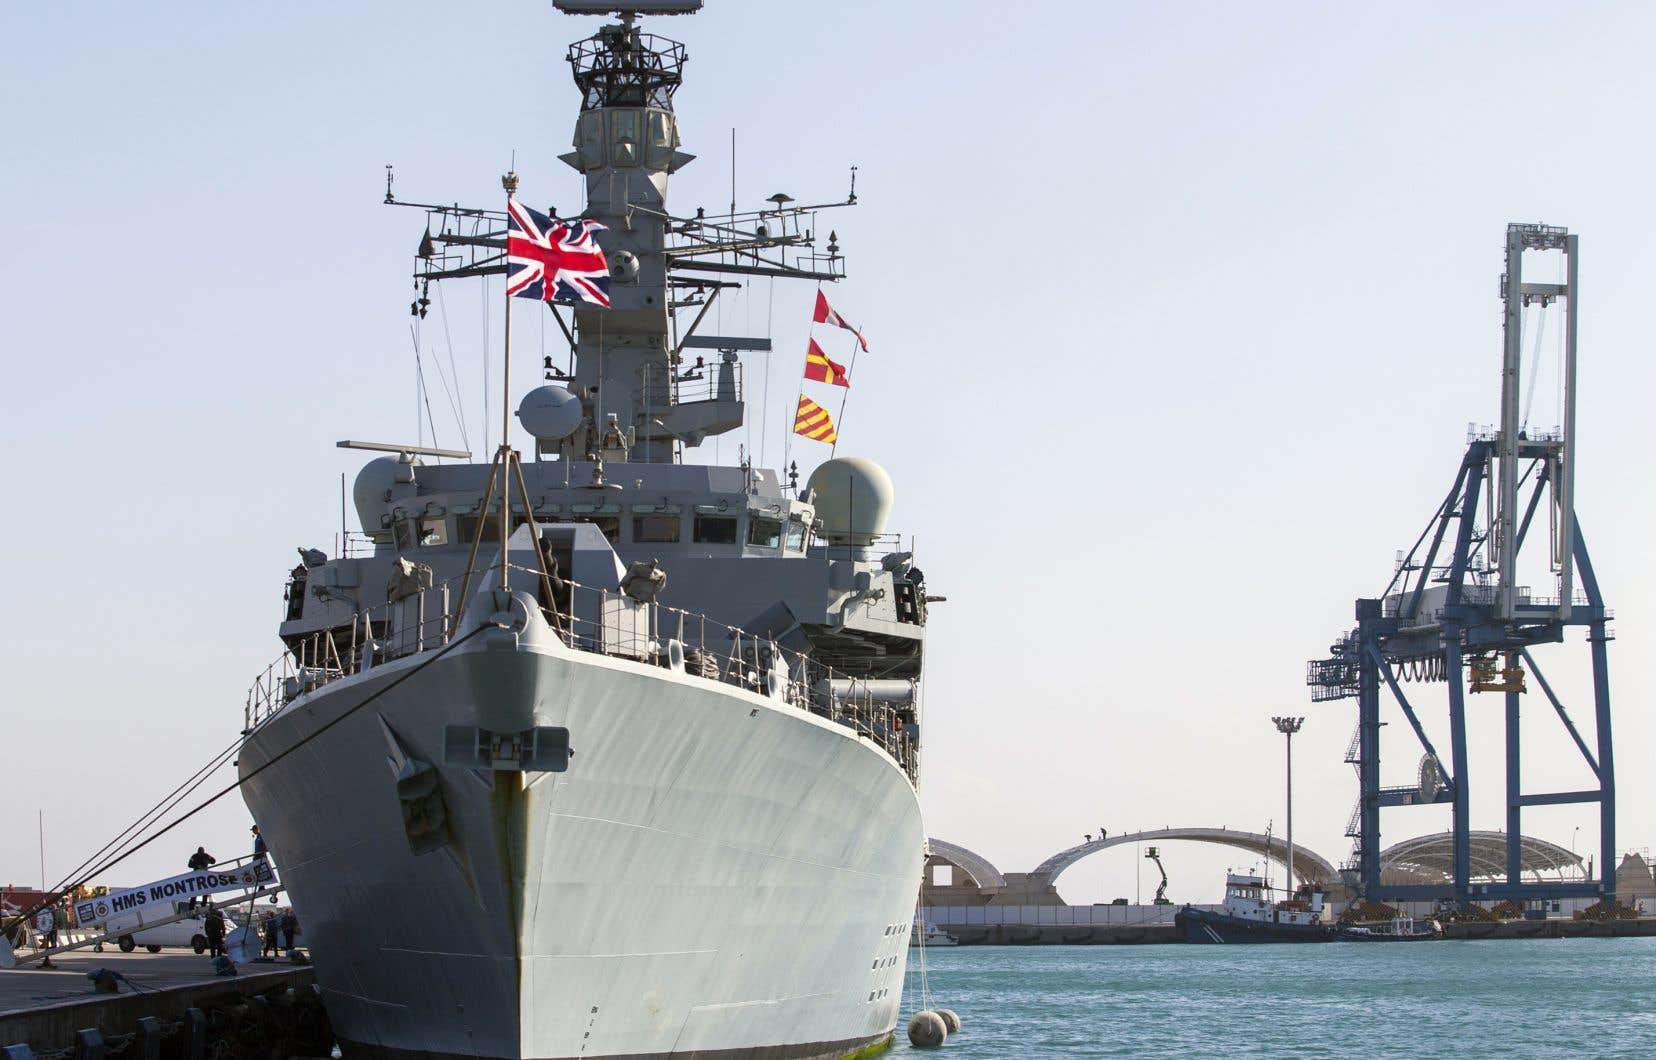 Un nouvel incident est venu s'ajouter mercredi quand la marine militaire iranienne a tenté, selon le Royaume-Uni, «d'empêcher le passage» par Ormuz d'un pétrolier britannique.